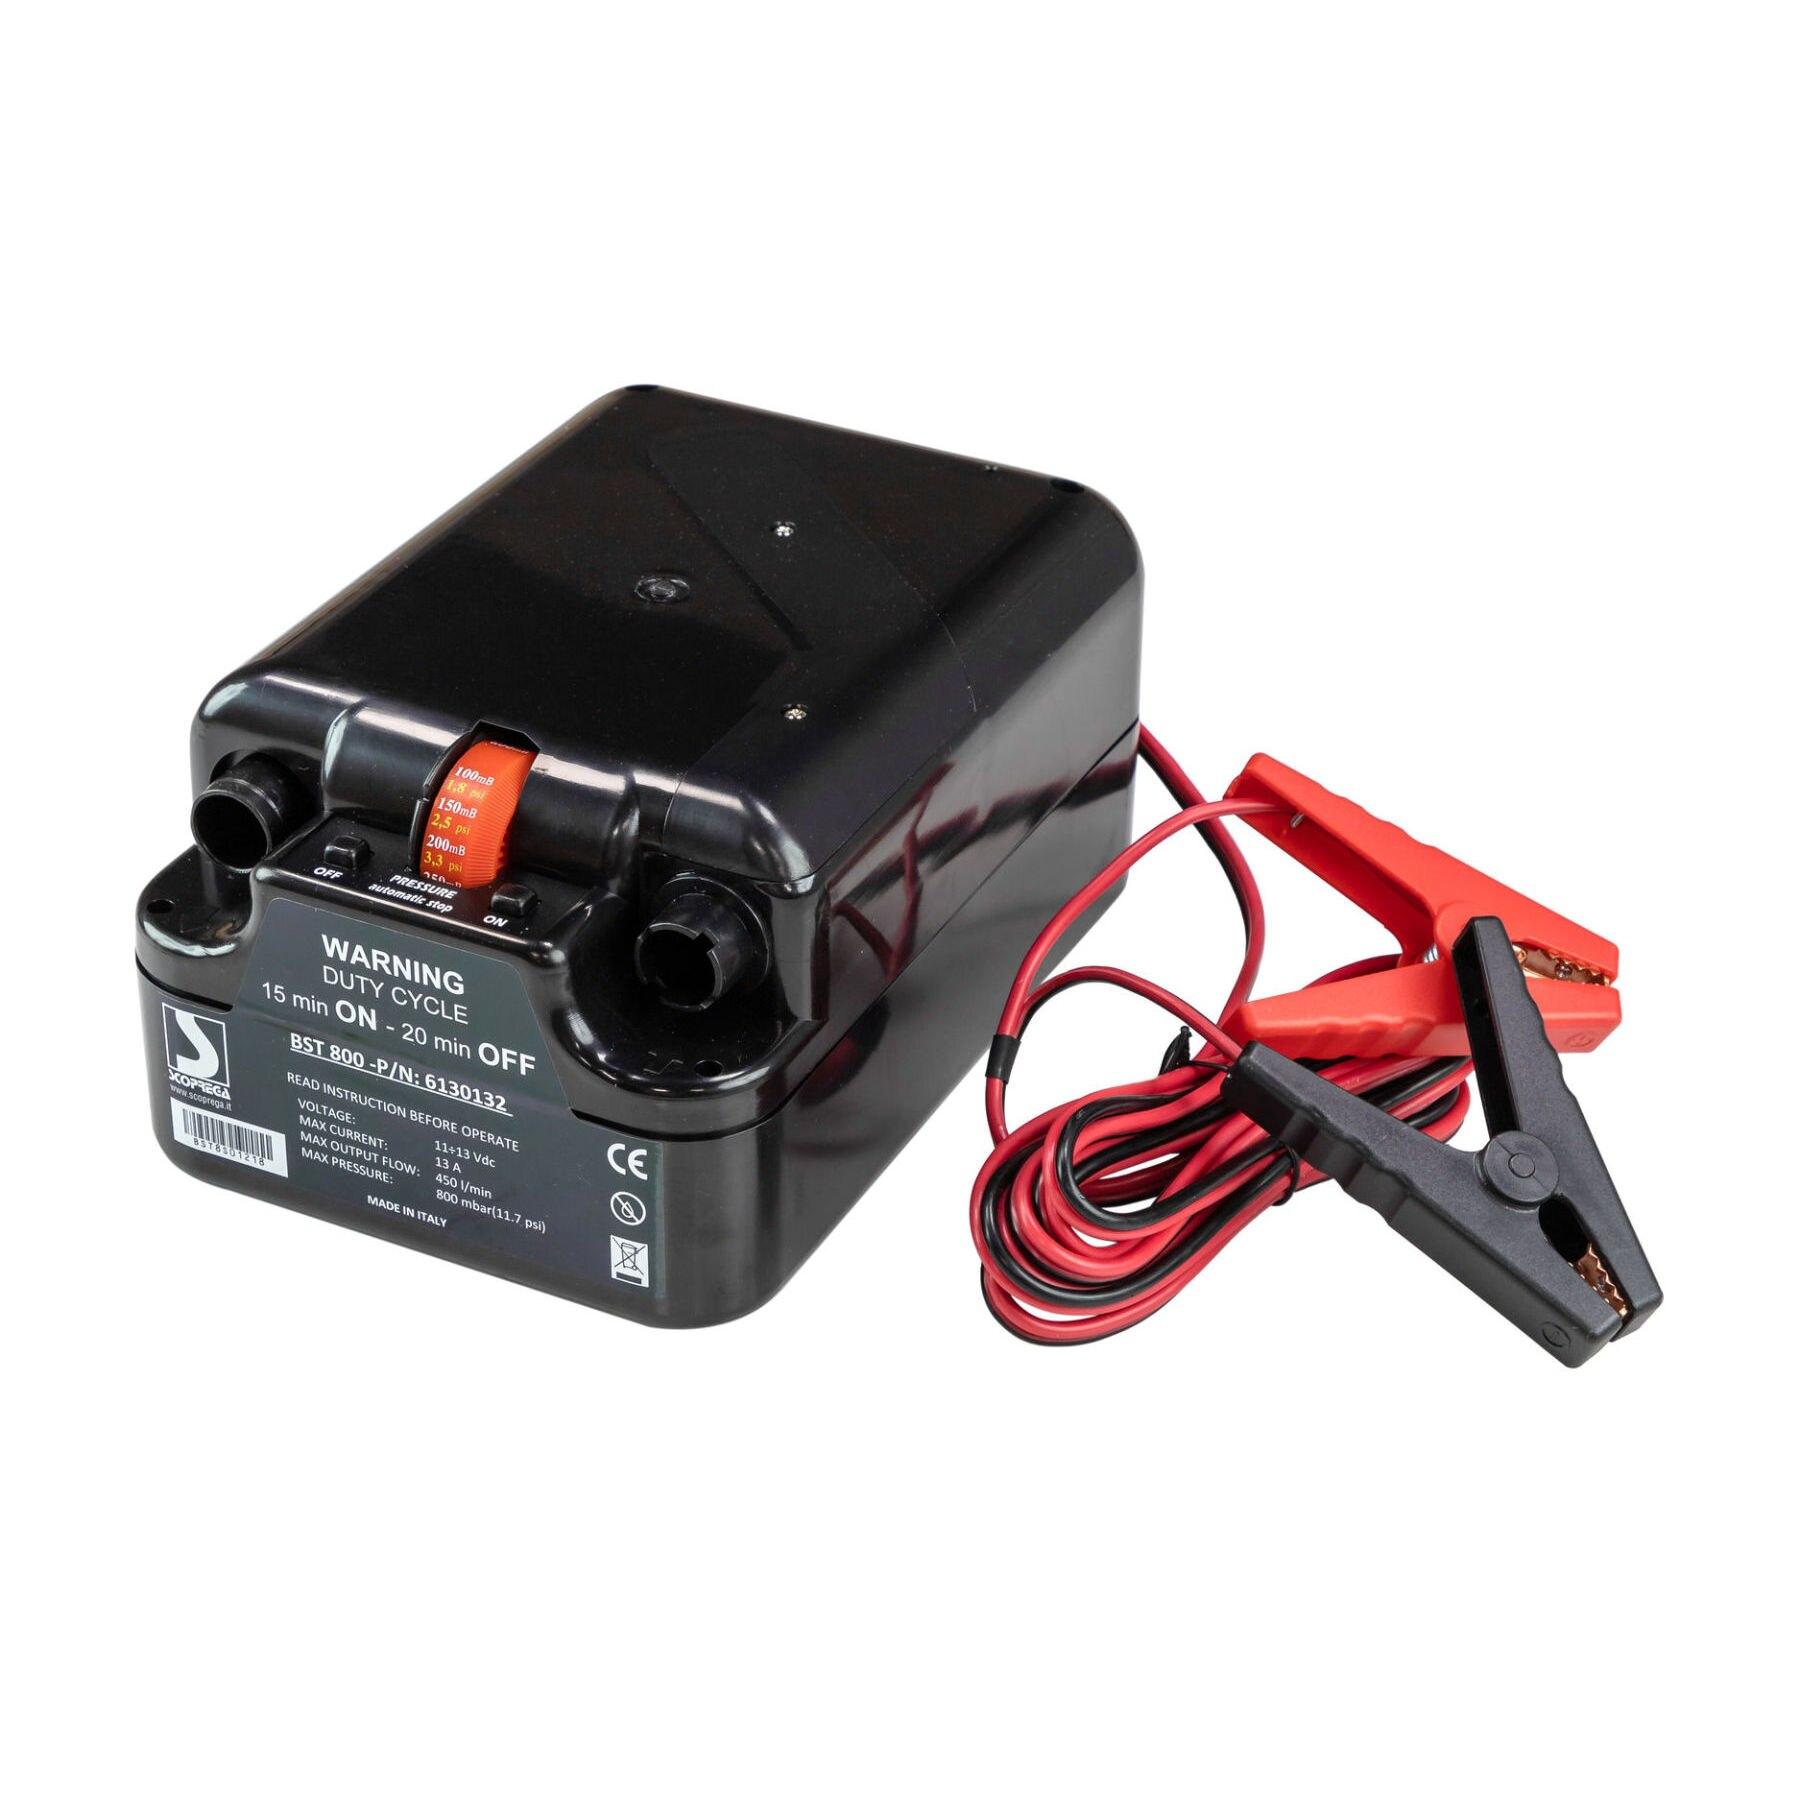 Bravo Bst800 Electric Pump 6130132